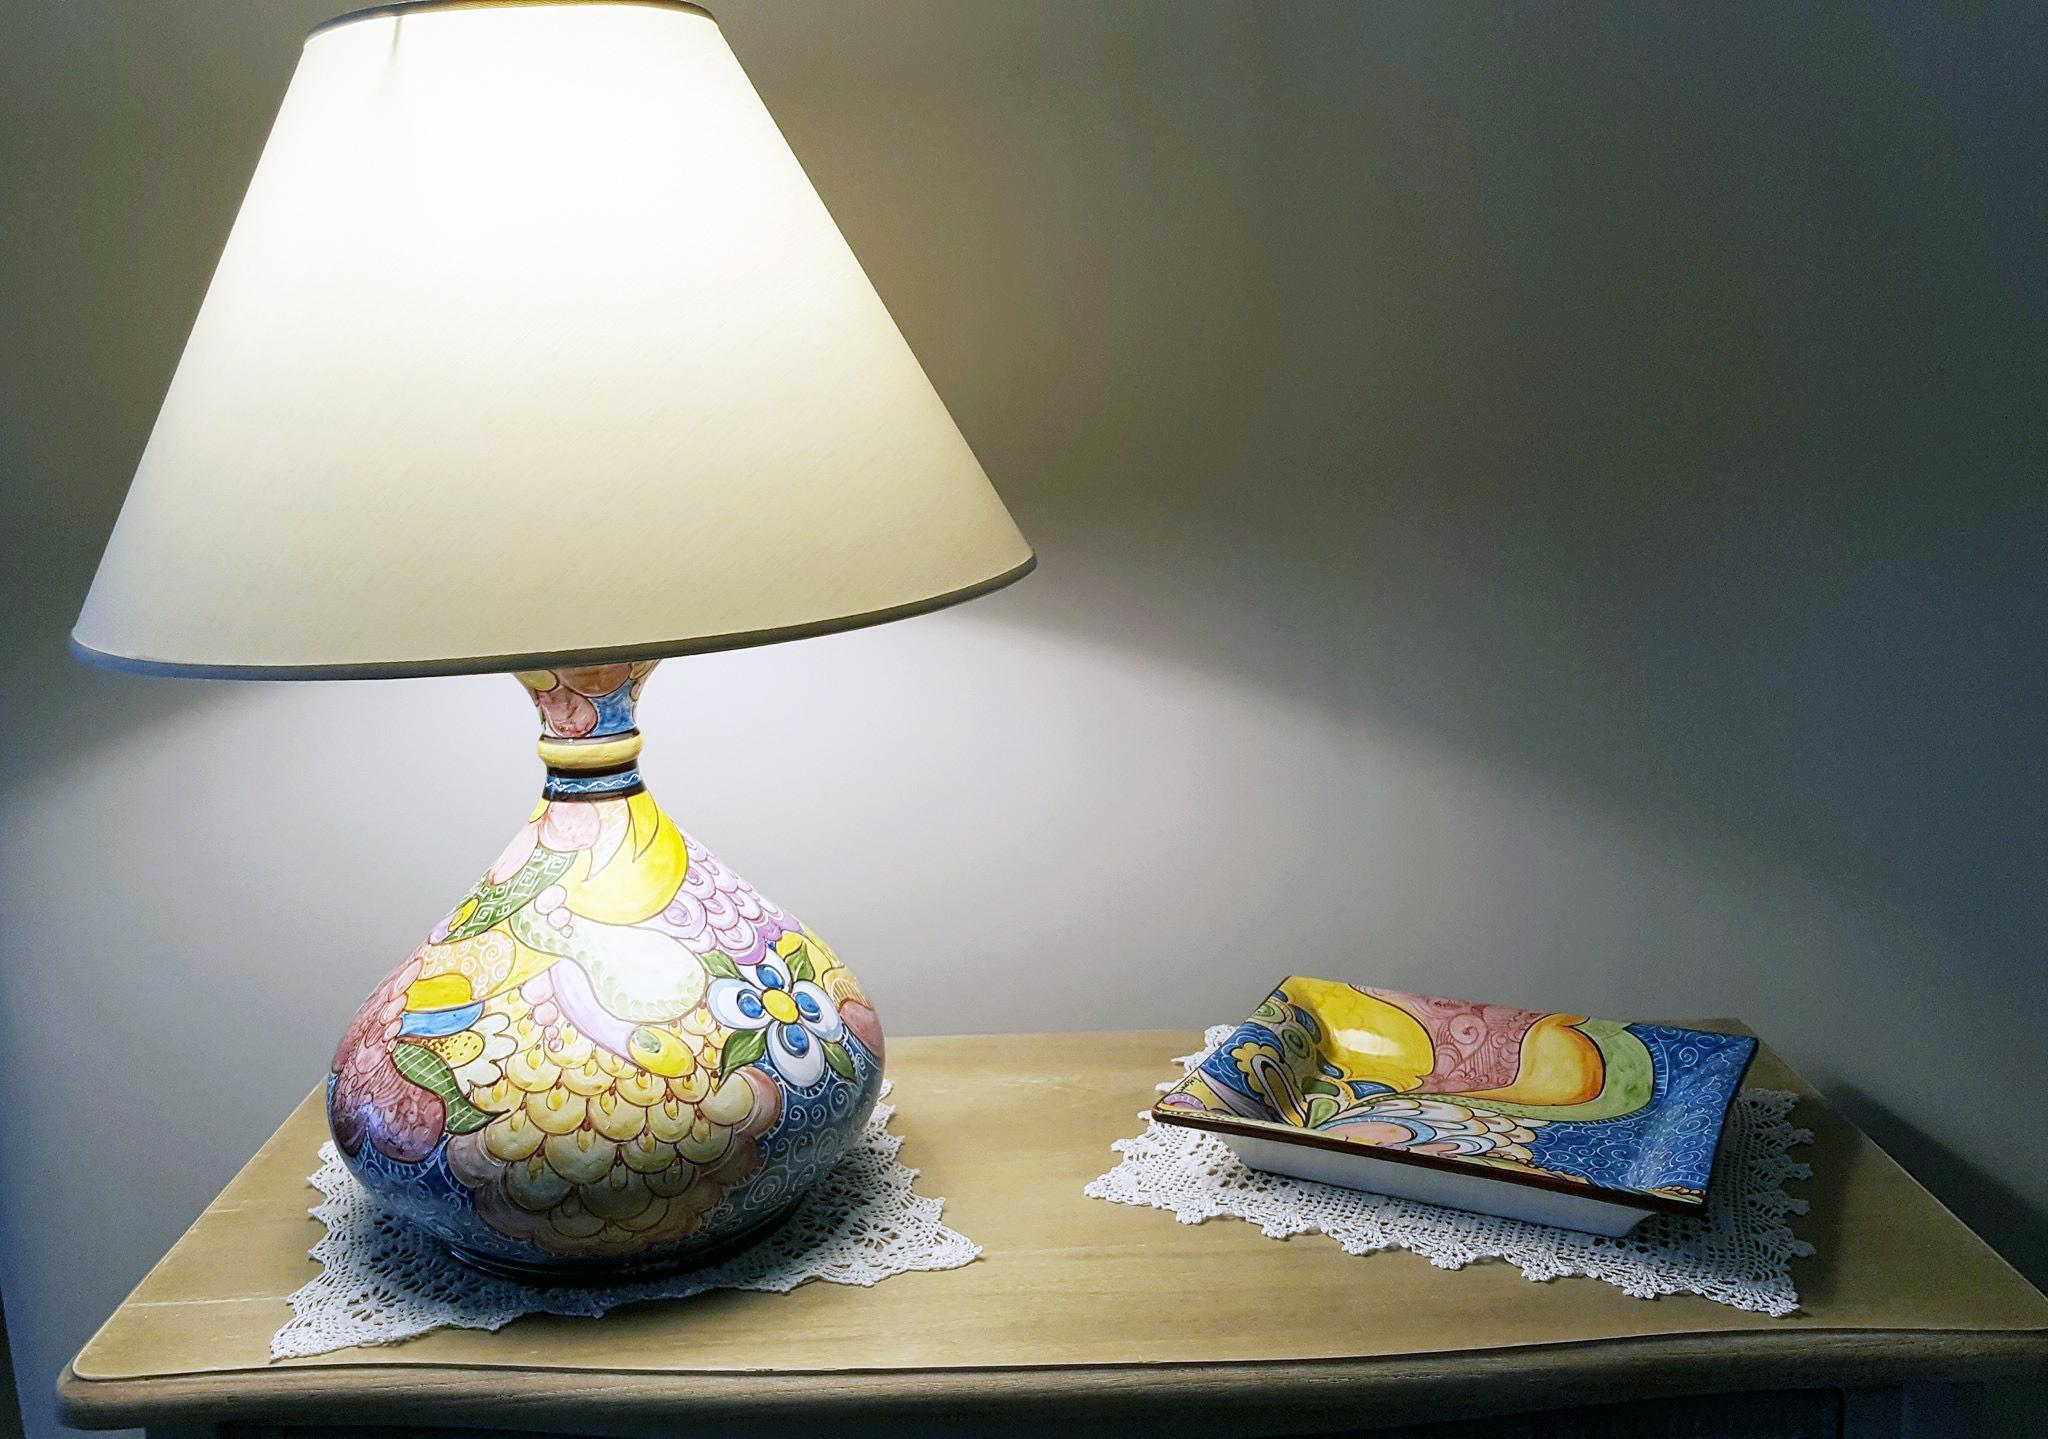 ceramiche cosenza,piastrelle cucina,ceramica artigianale cosenza ...